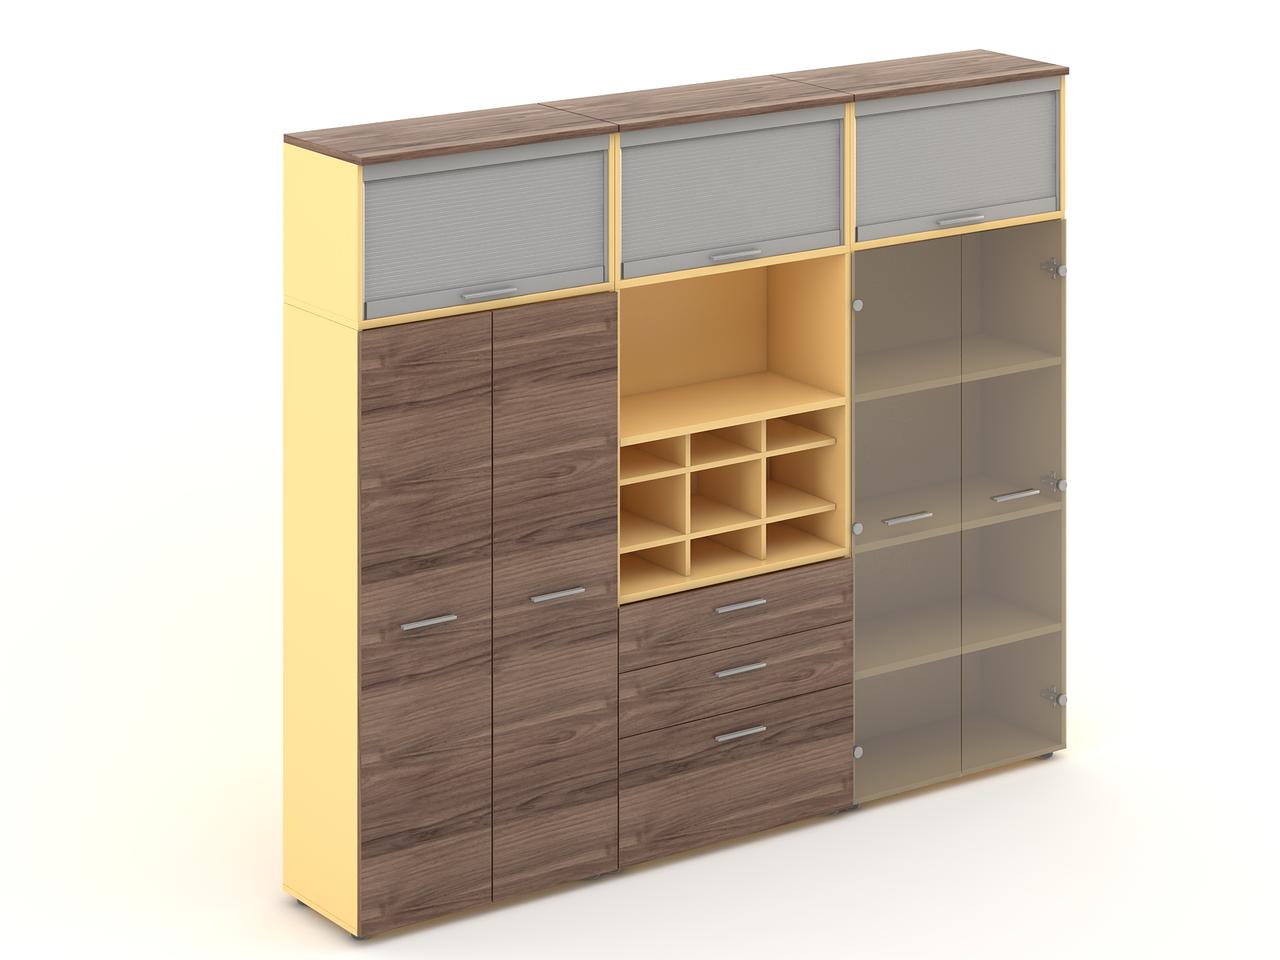 Комплект мебели для персонала серии Прайм композиция №28 ТМ MConcept